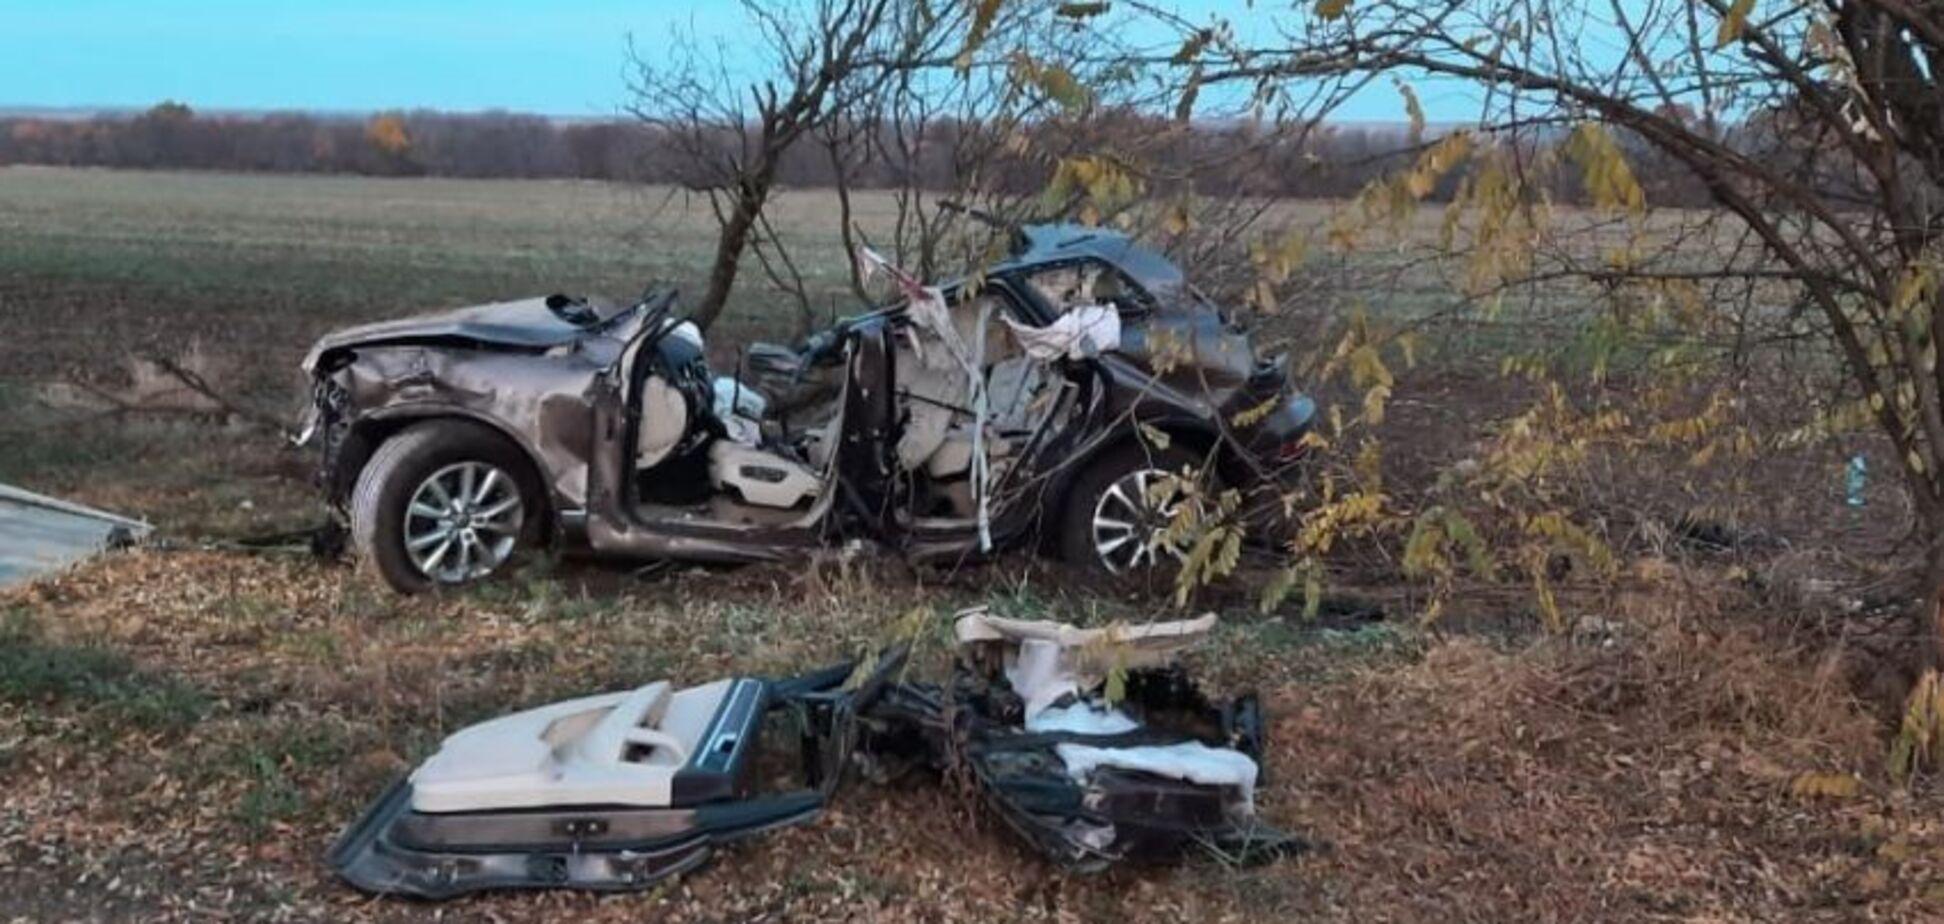 На Херсонщині авто з 15-річним водієм влетіло в дерево: загинули четверо людей, серед них діти. Фото